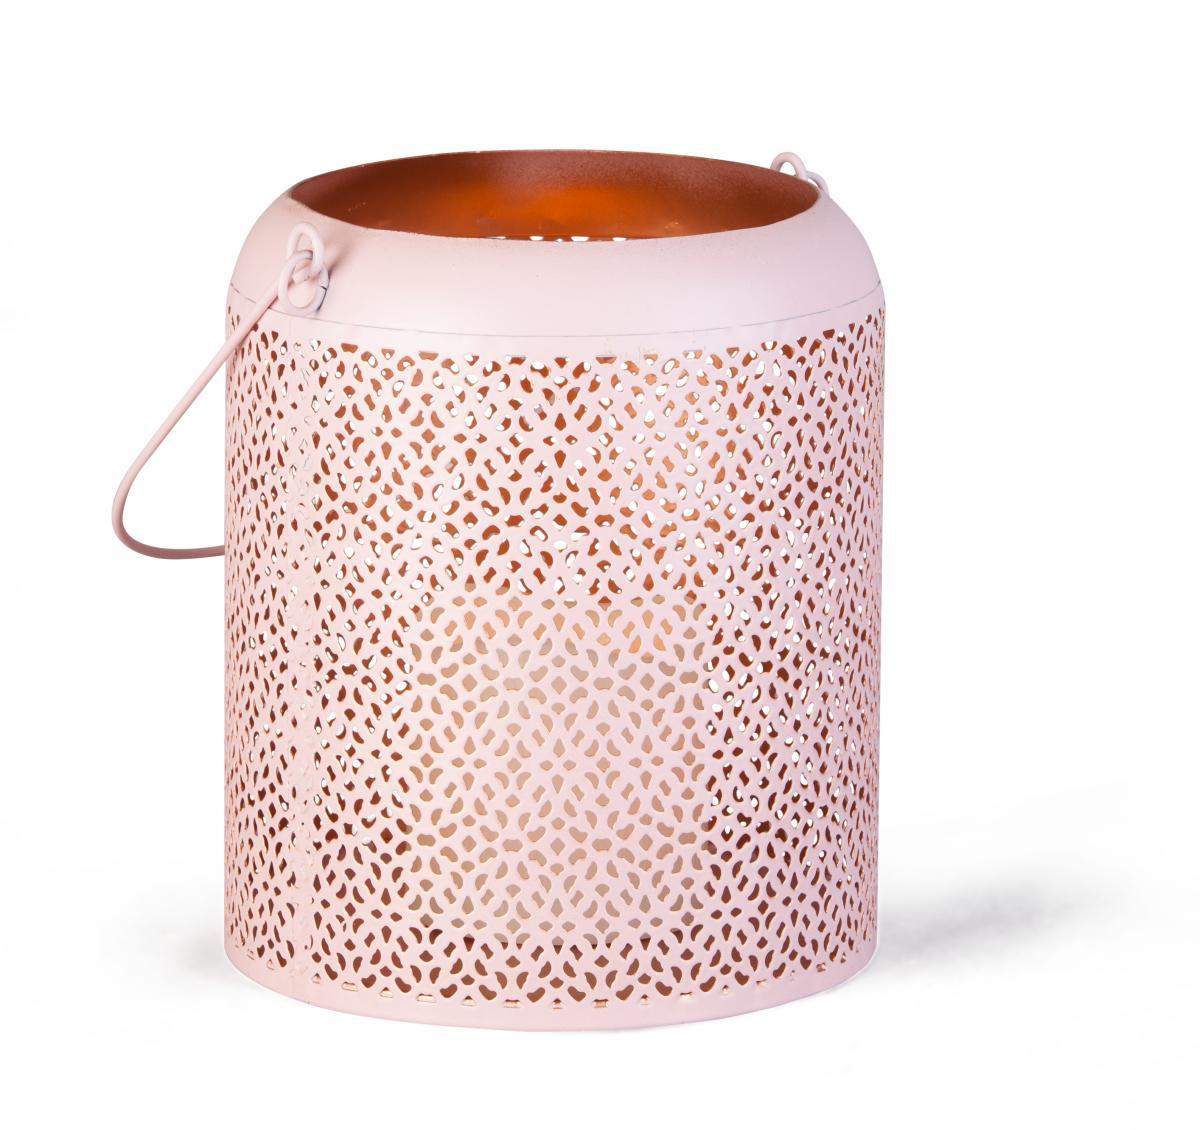 laterne mit led kerze aus rosafarbenem metall 16x20 cm. Black Bedroom Furniture Sets. Home Design Ideas